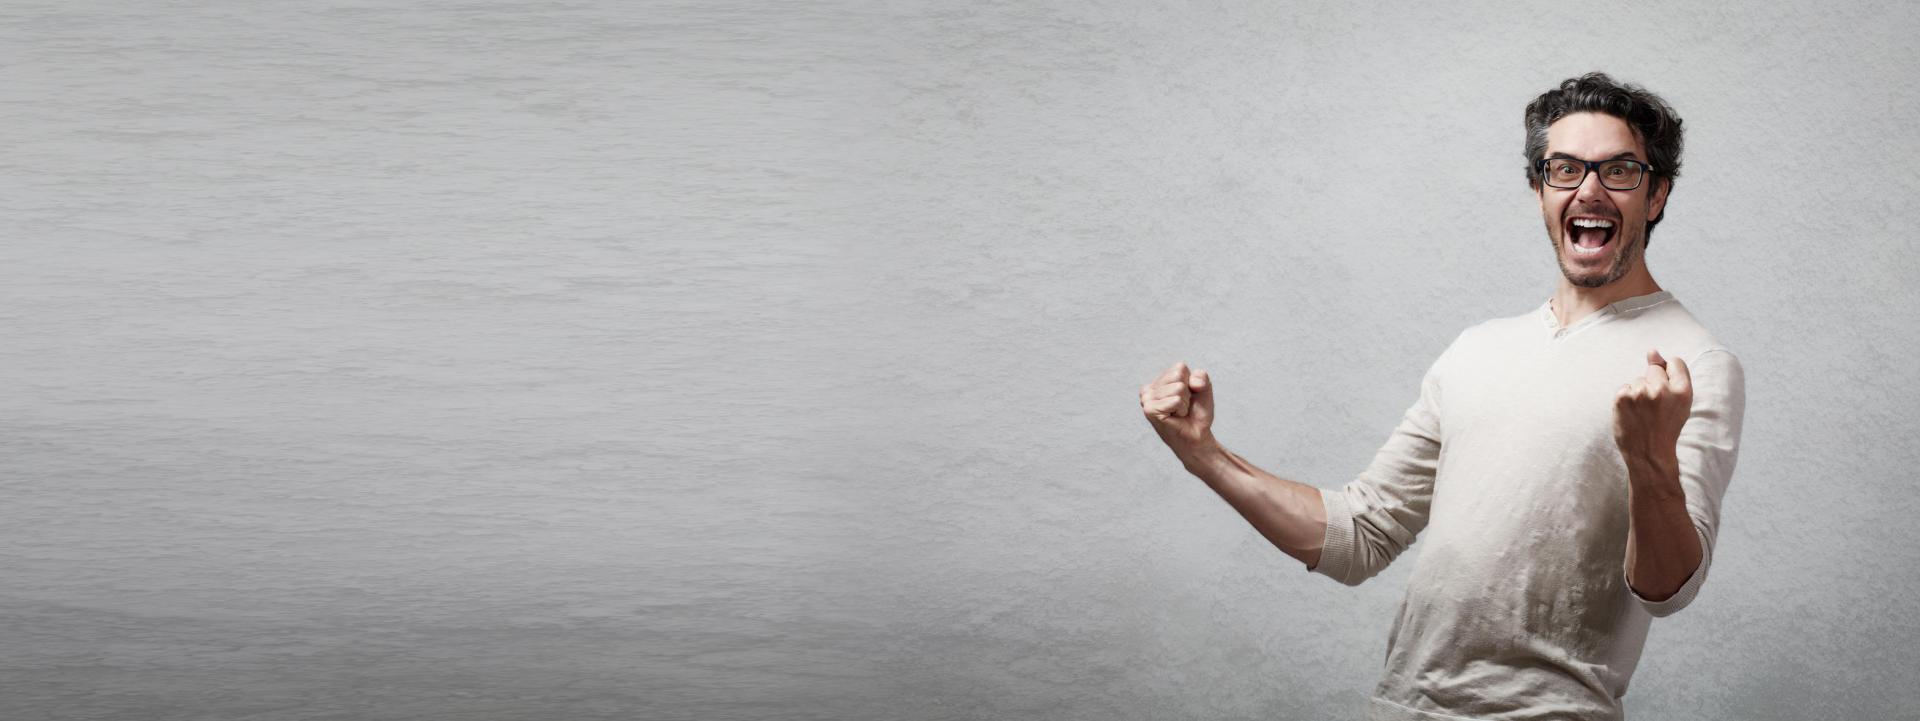 Mann freut sich mit stolz geballten Fäusten vor einer grauen Wand.